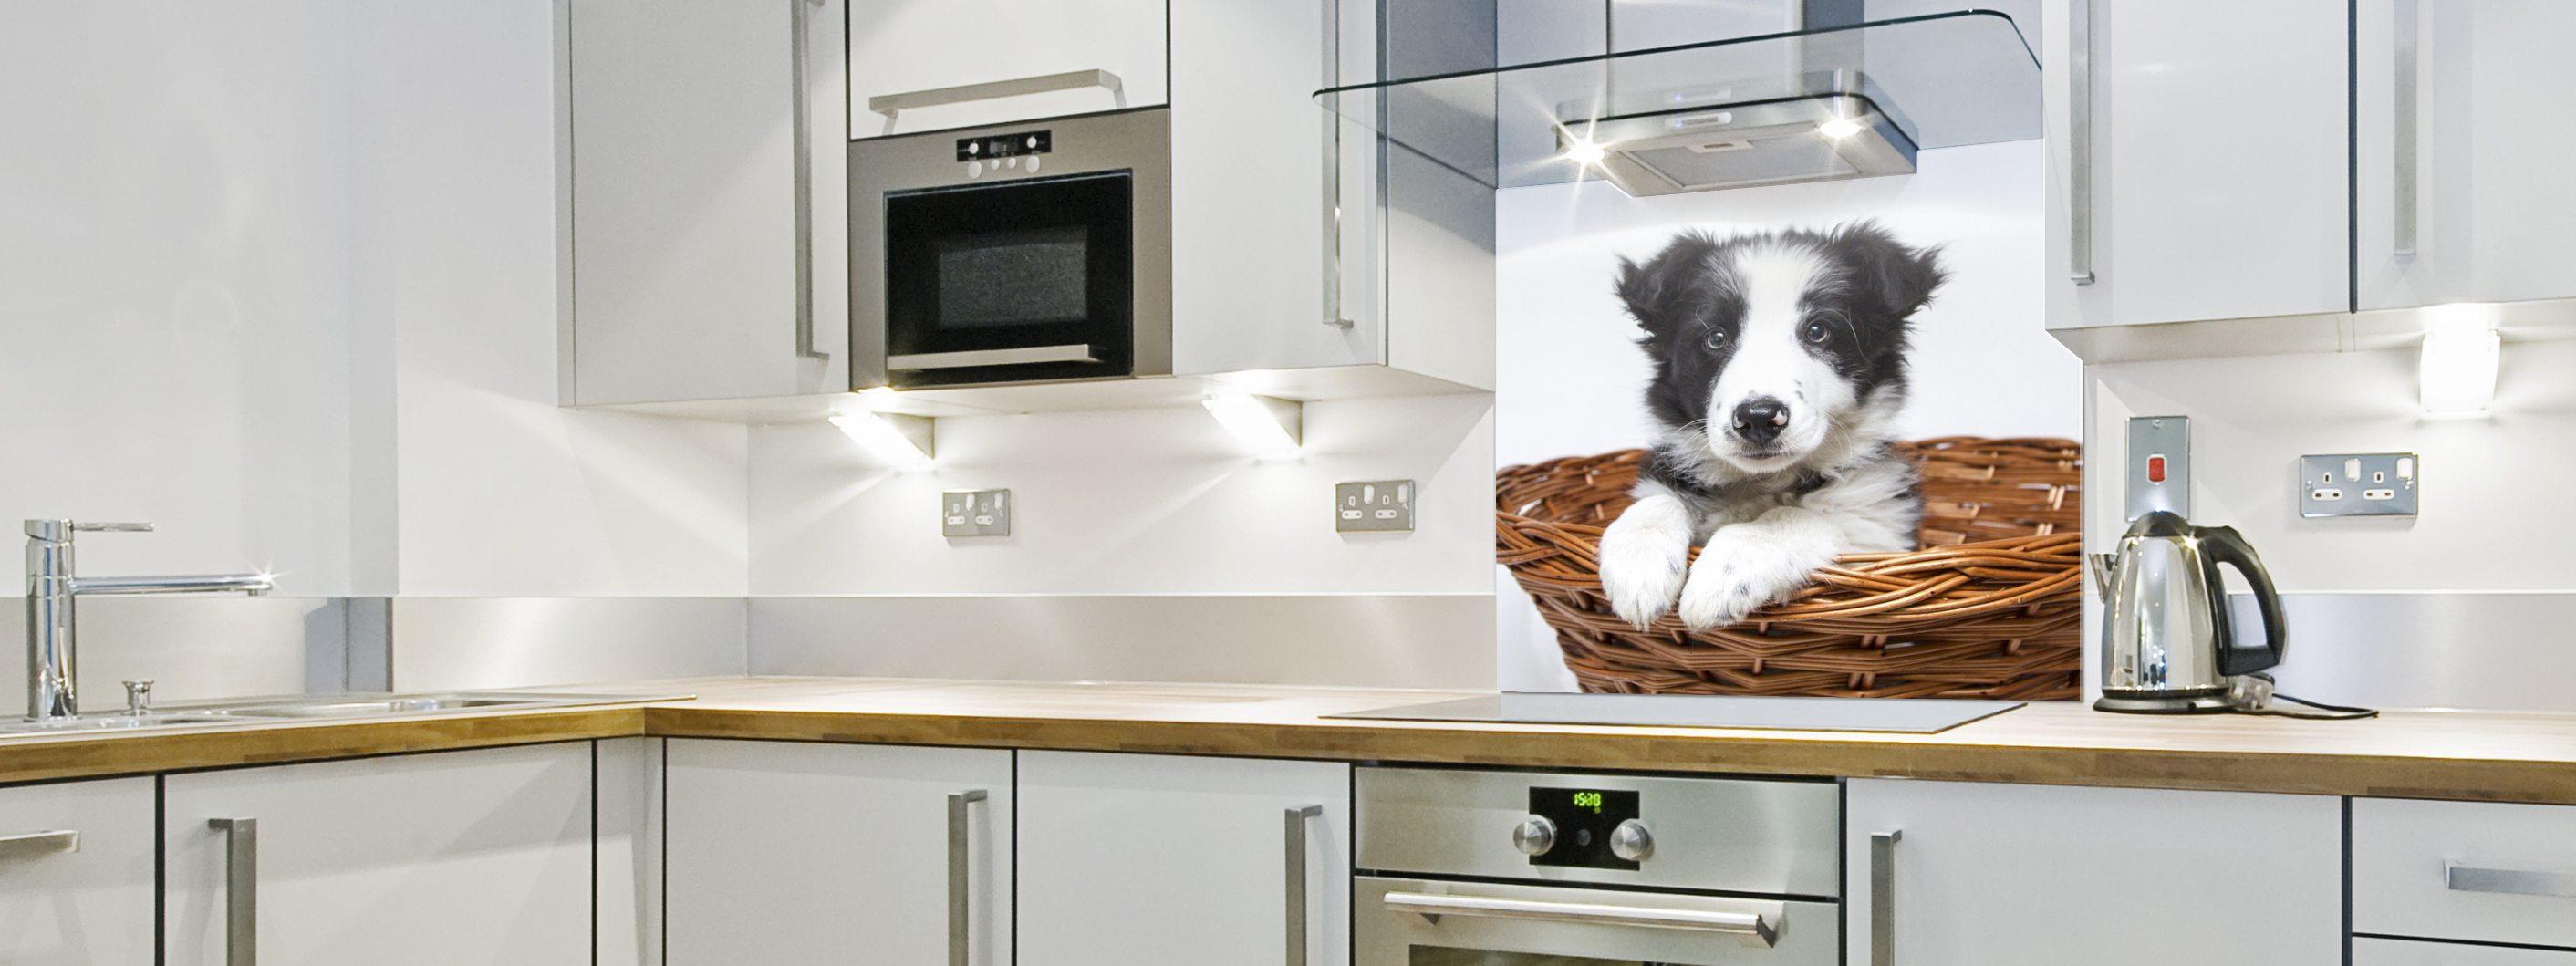 Collie Puppy - Printed Glass Splashback